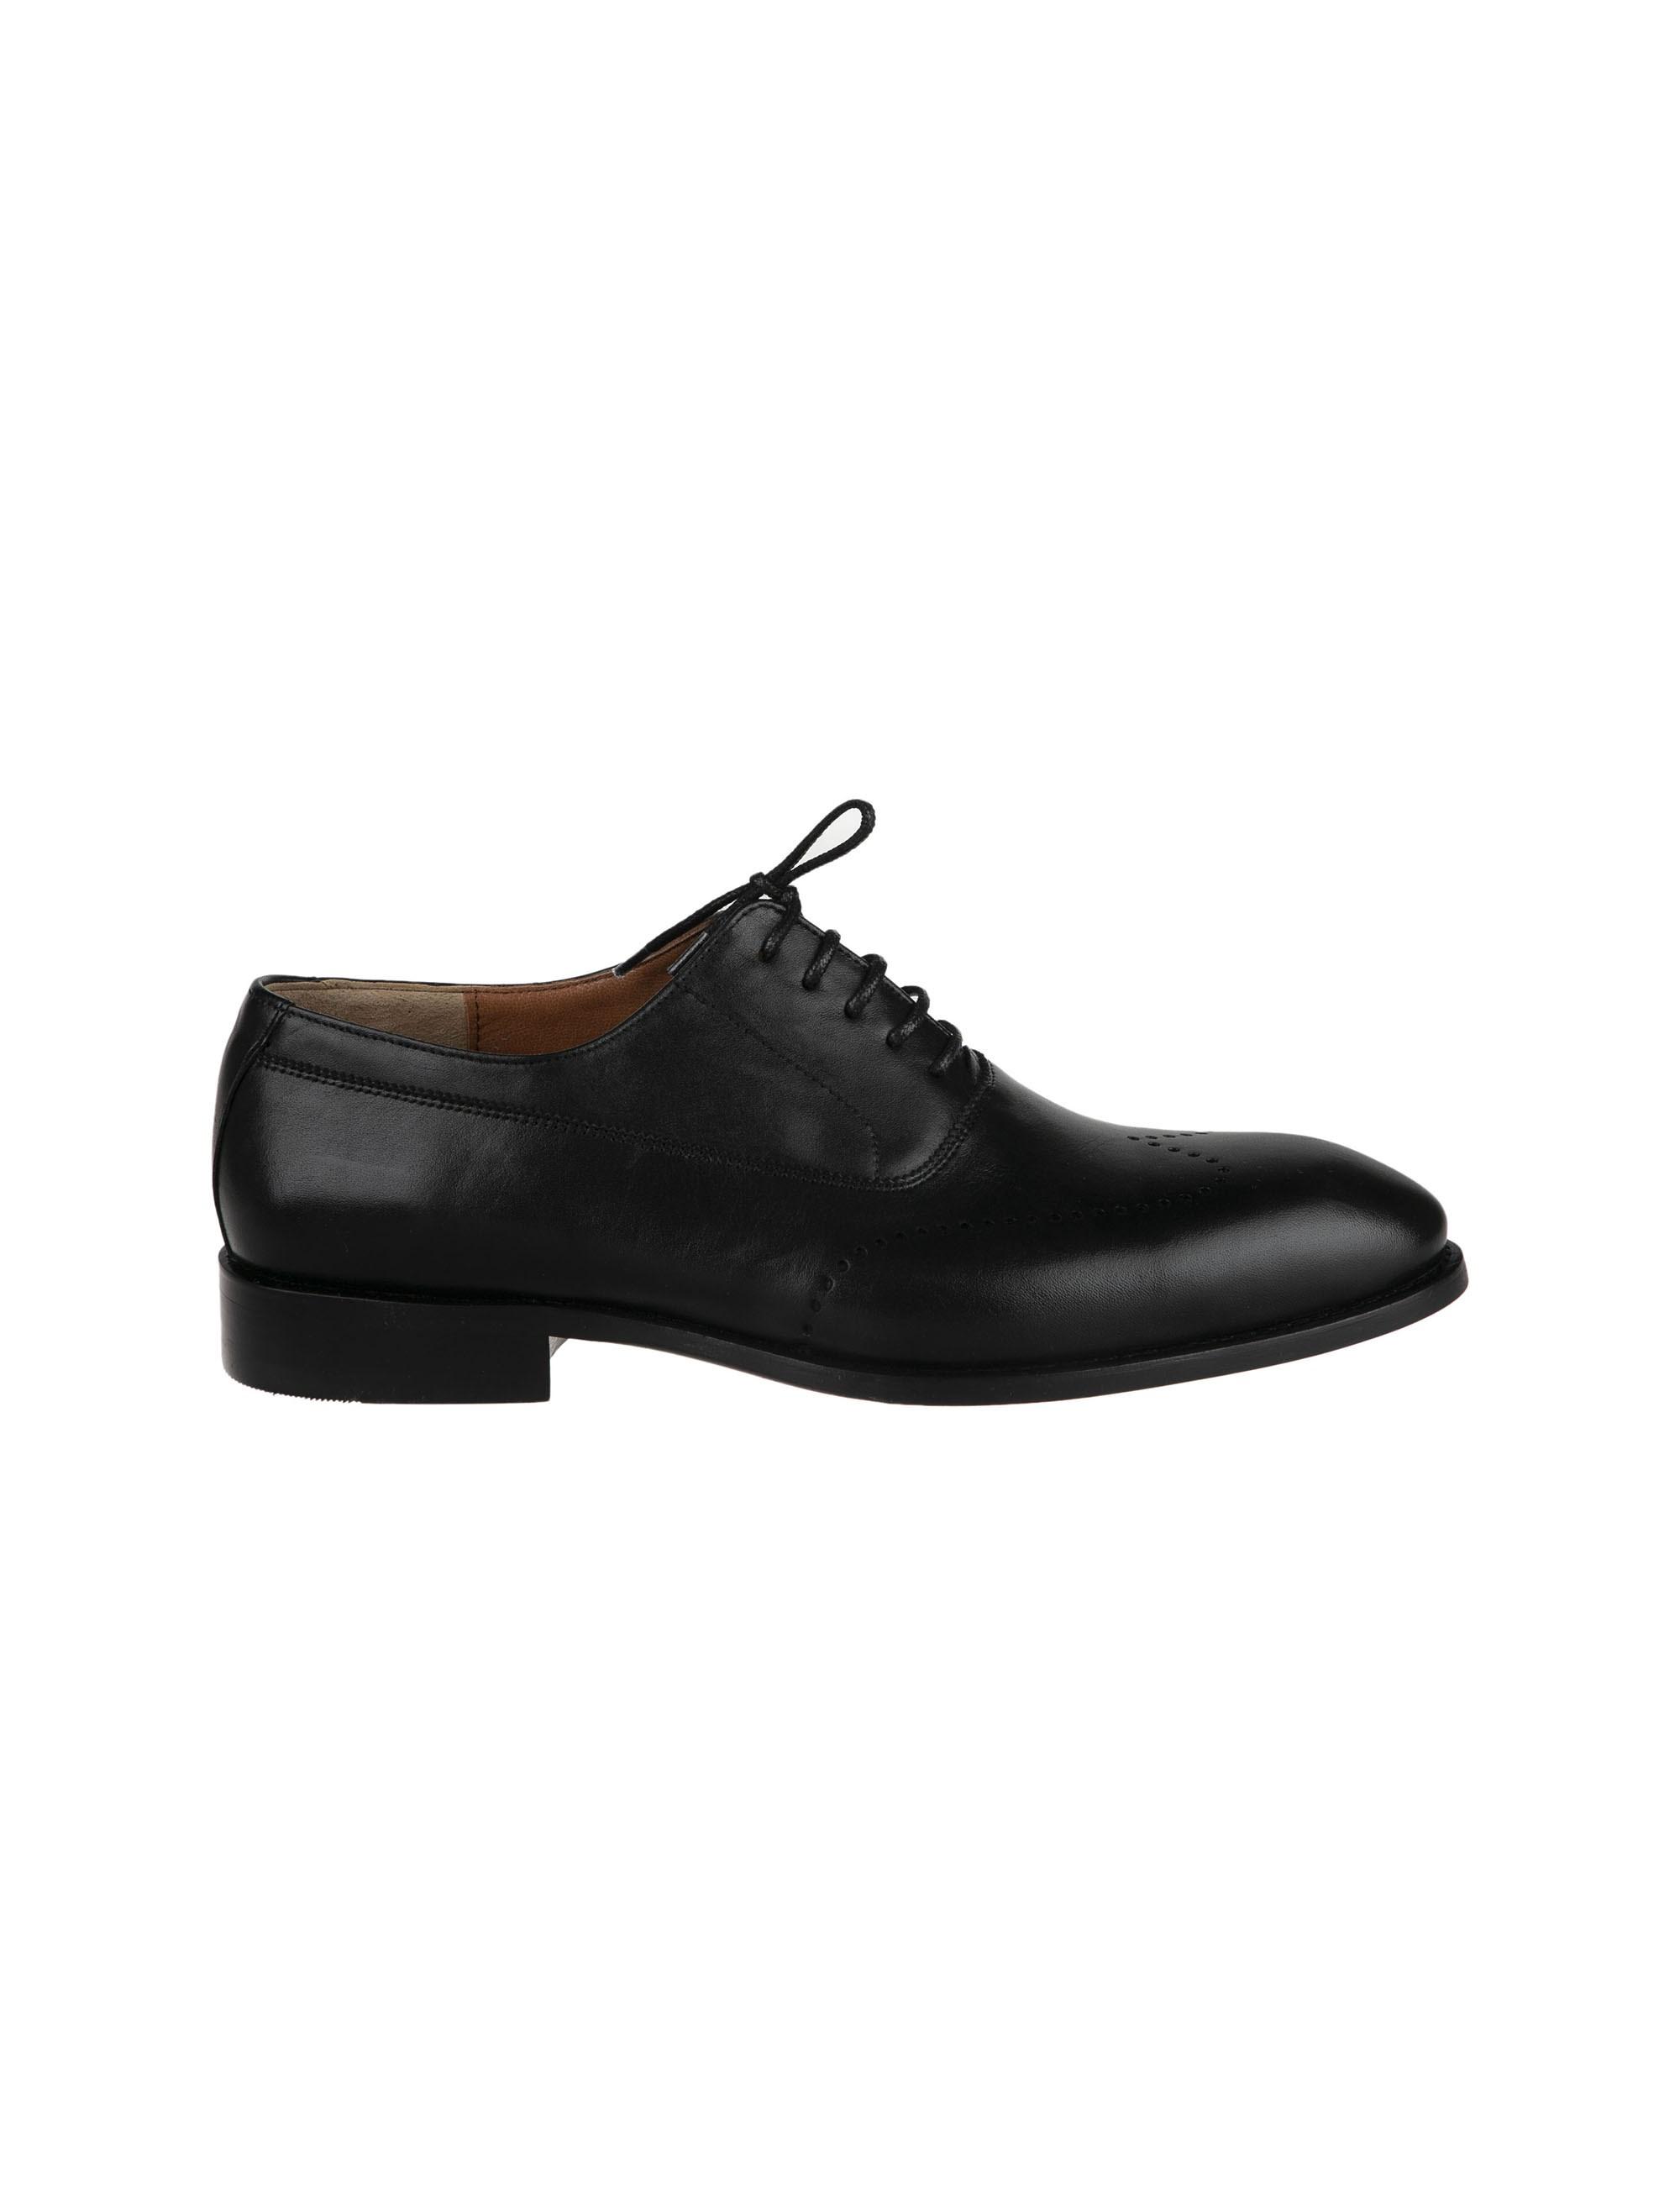 کفش رسمی چرم مردانه Farren